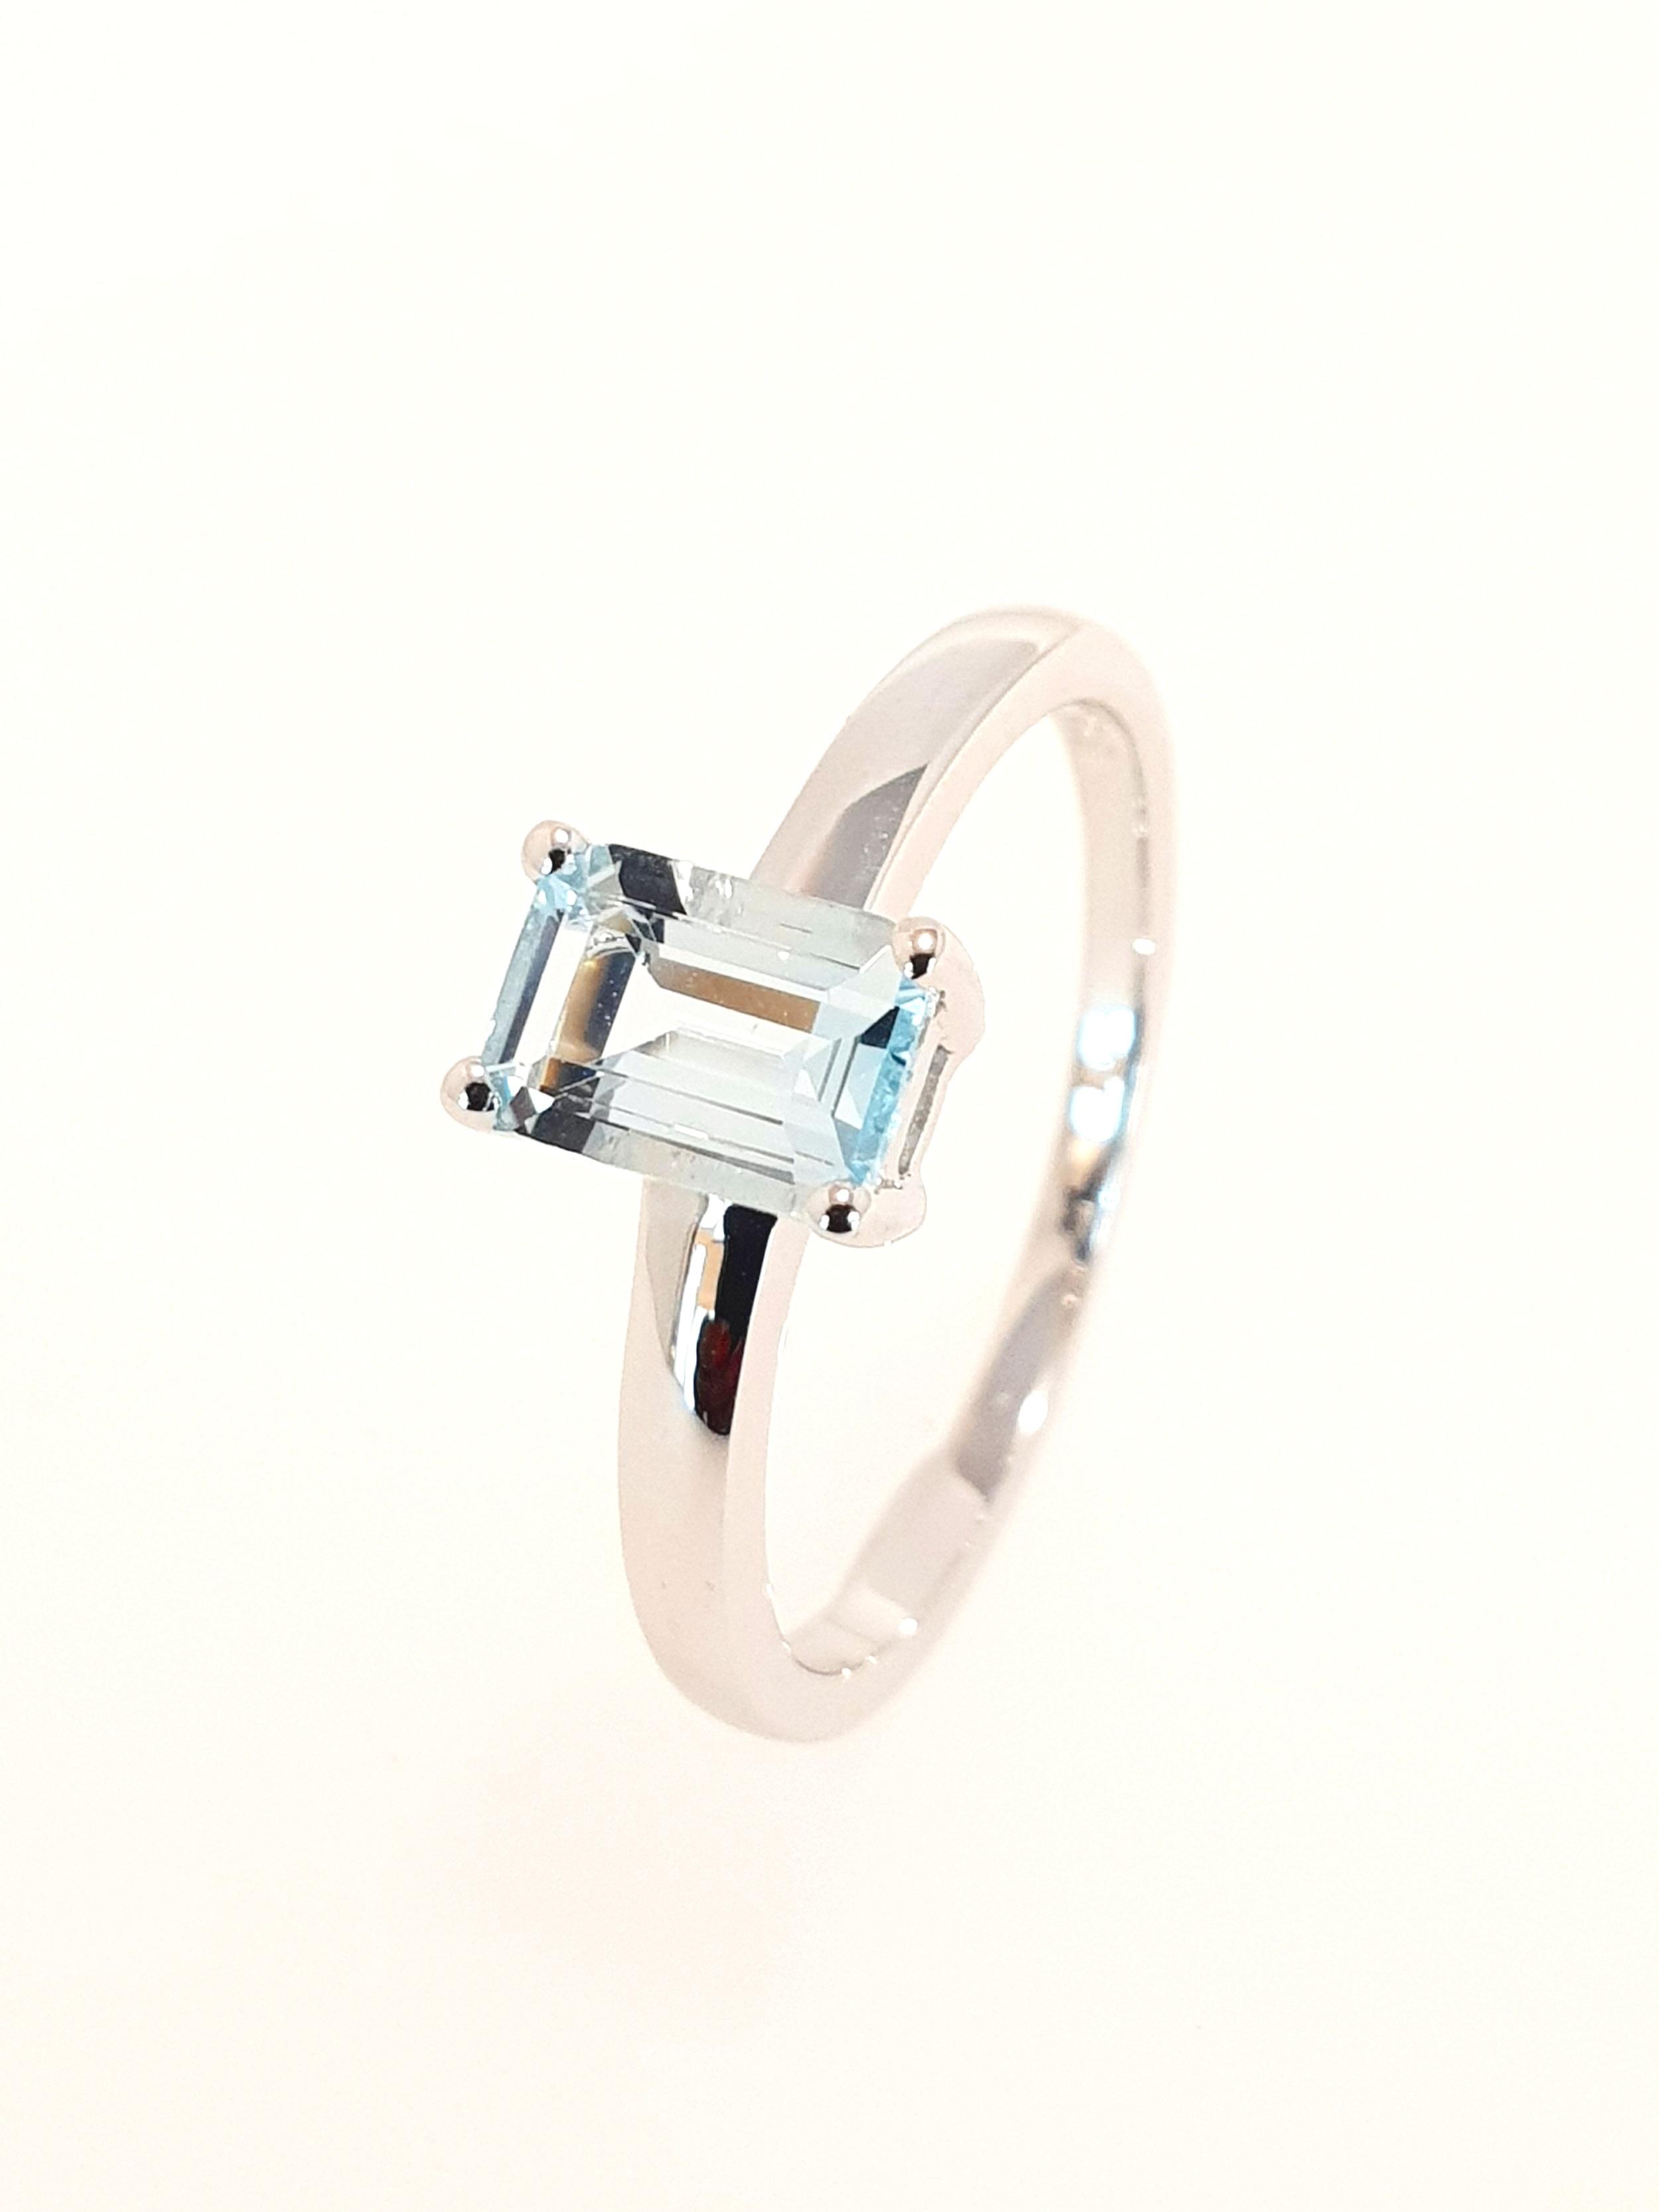 9ct White Gold Aquamarine Ring  Stock Code: G1965  £400